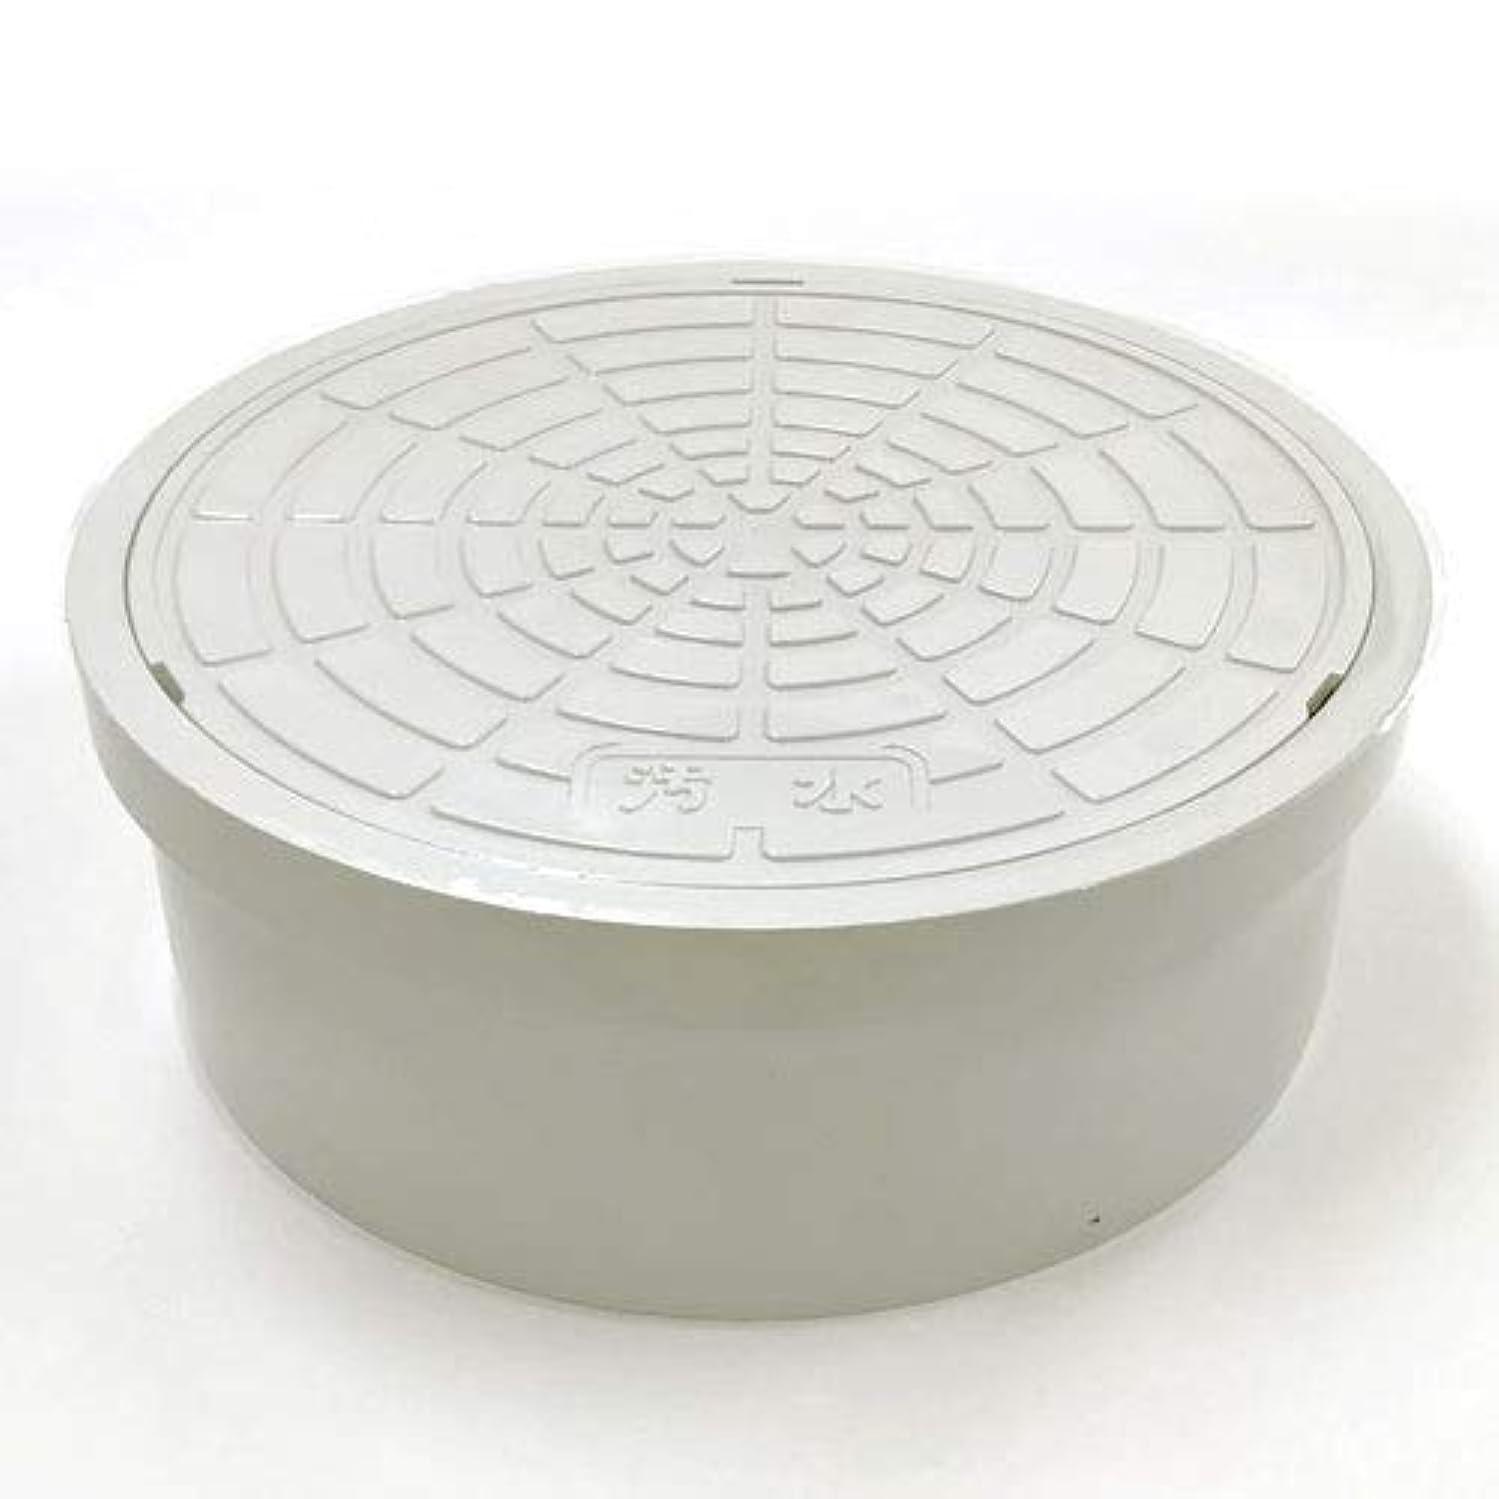 知り合いになる気難しい不従順タキロンシーアイ V-AIL 汚水蓋 ライト 200サイズ 塩ビ製フタ 管内接合 AI メーカー型番305679